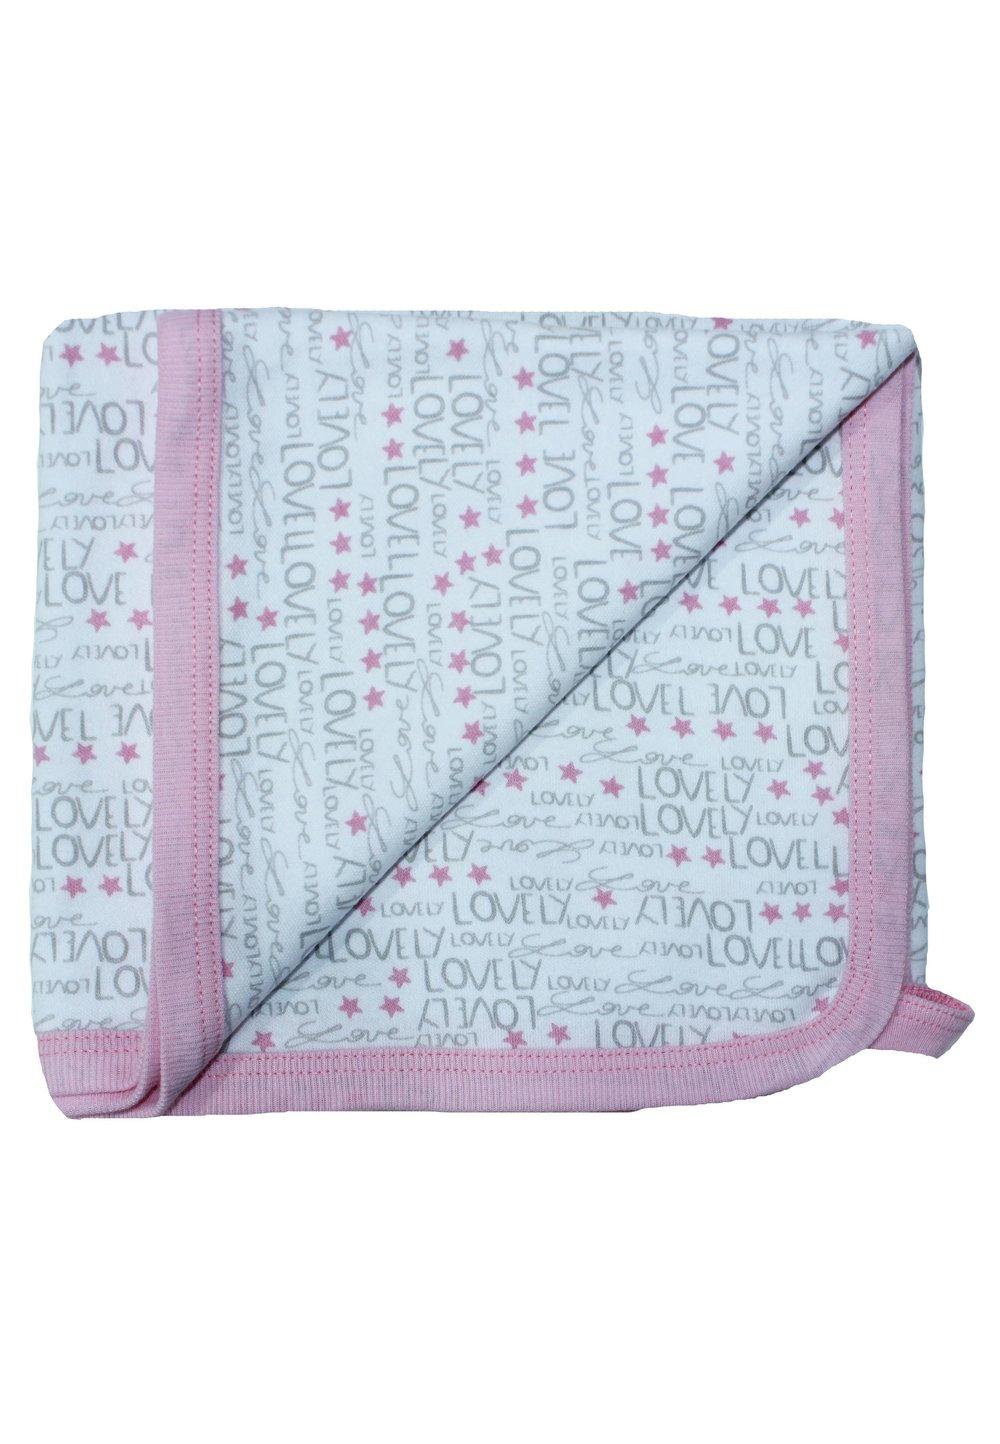 Paturica bumbac, alba cu gri si roz, Lovely, 80x90cm imagine